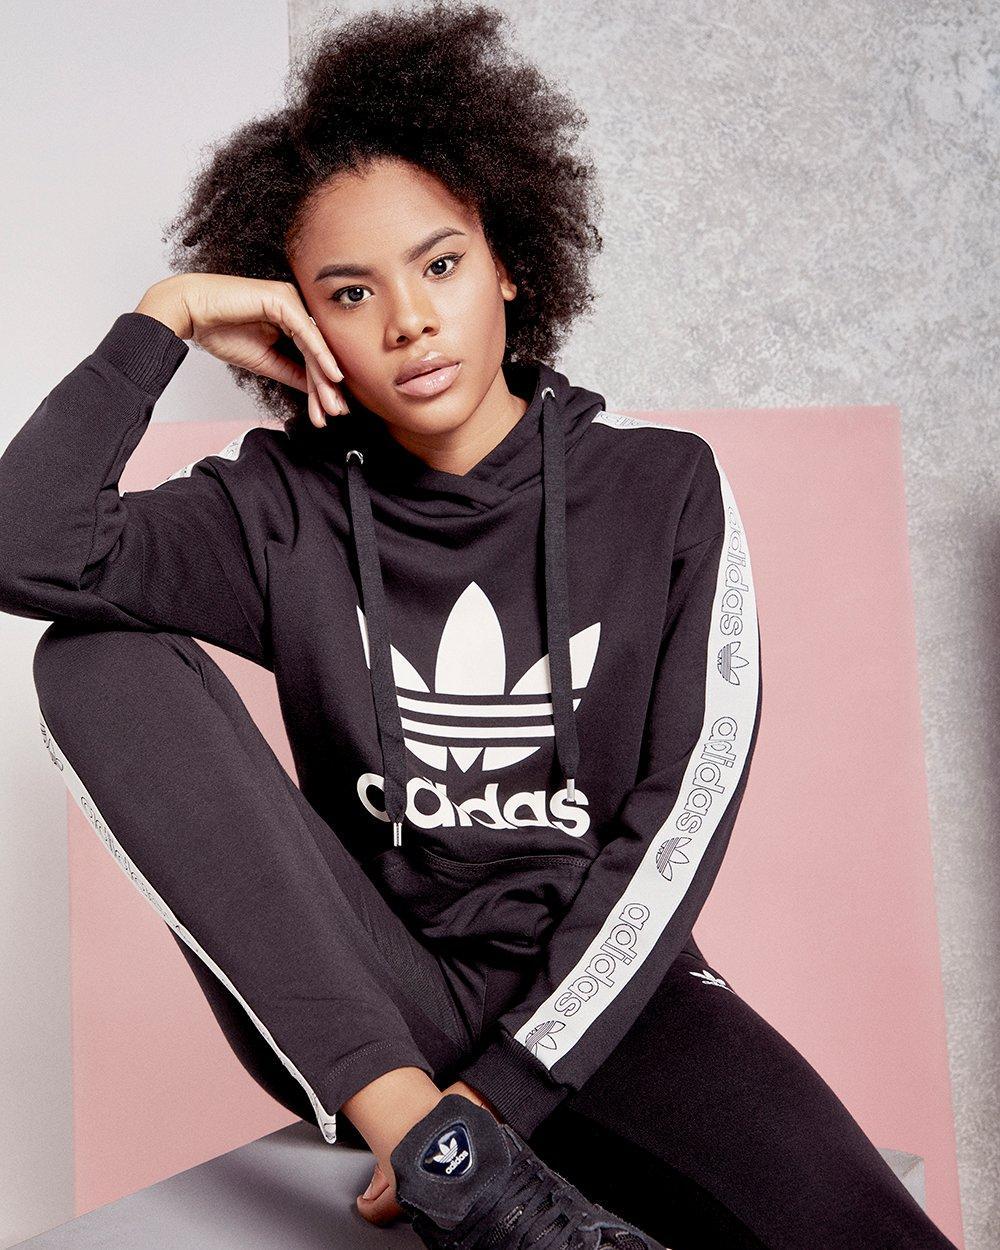 Mädchen in adidas Originals Outfit